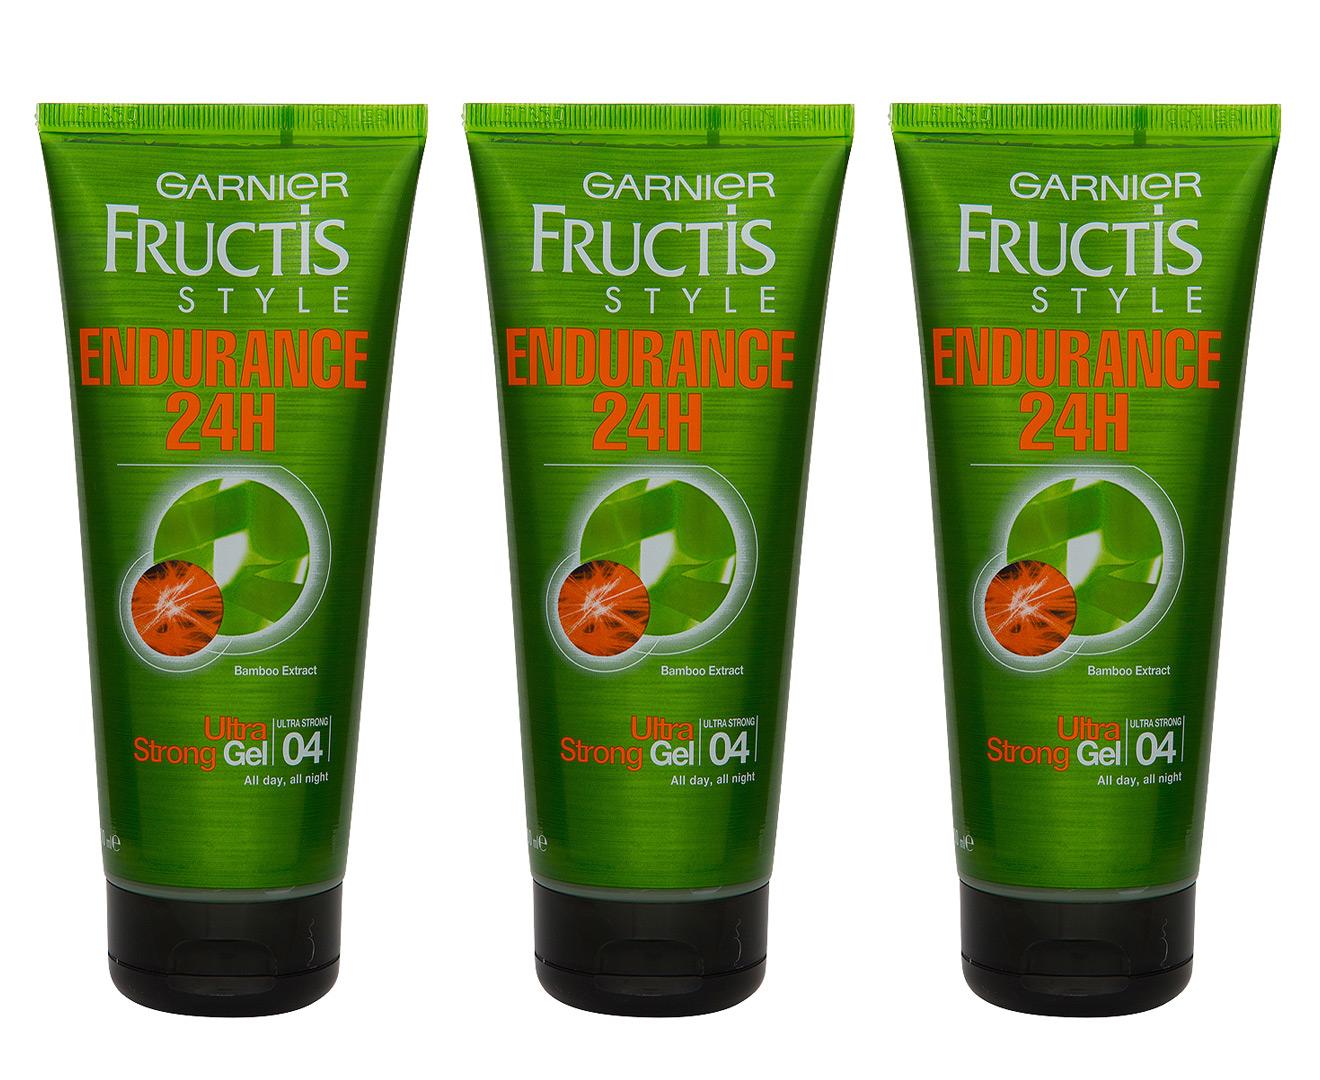 3 x Garnier Fructis Ultra Strong Endurance 24H Gel 200mL